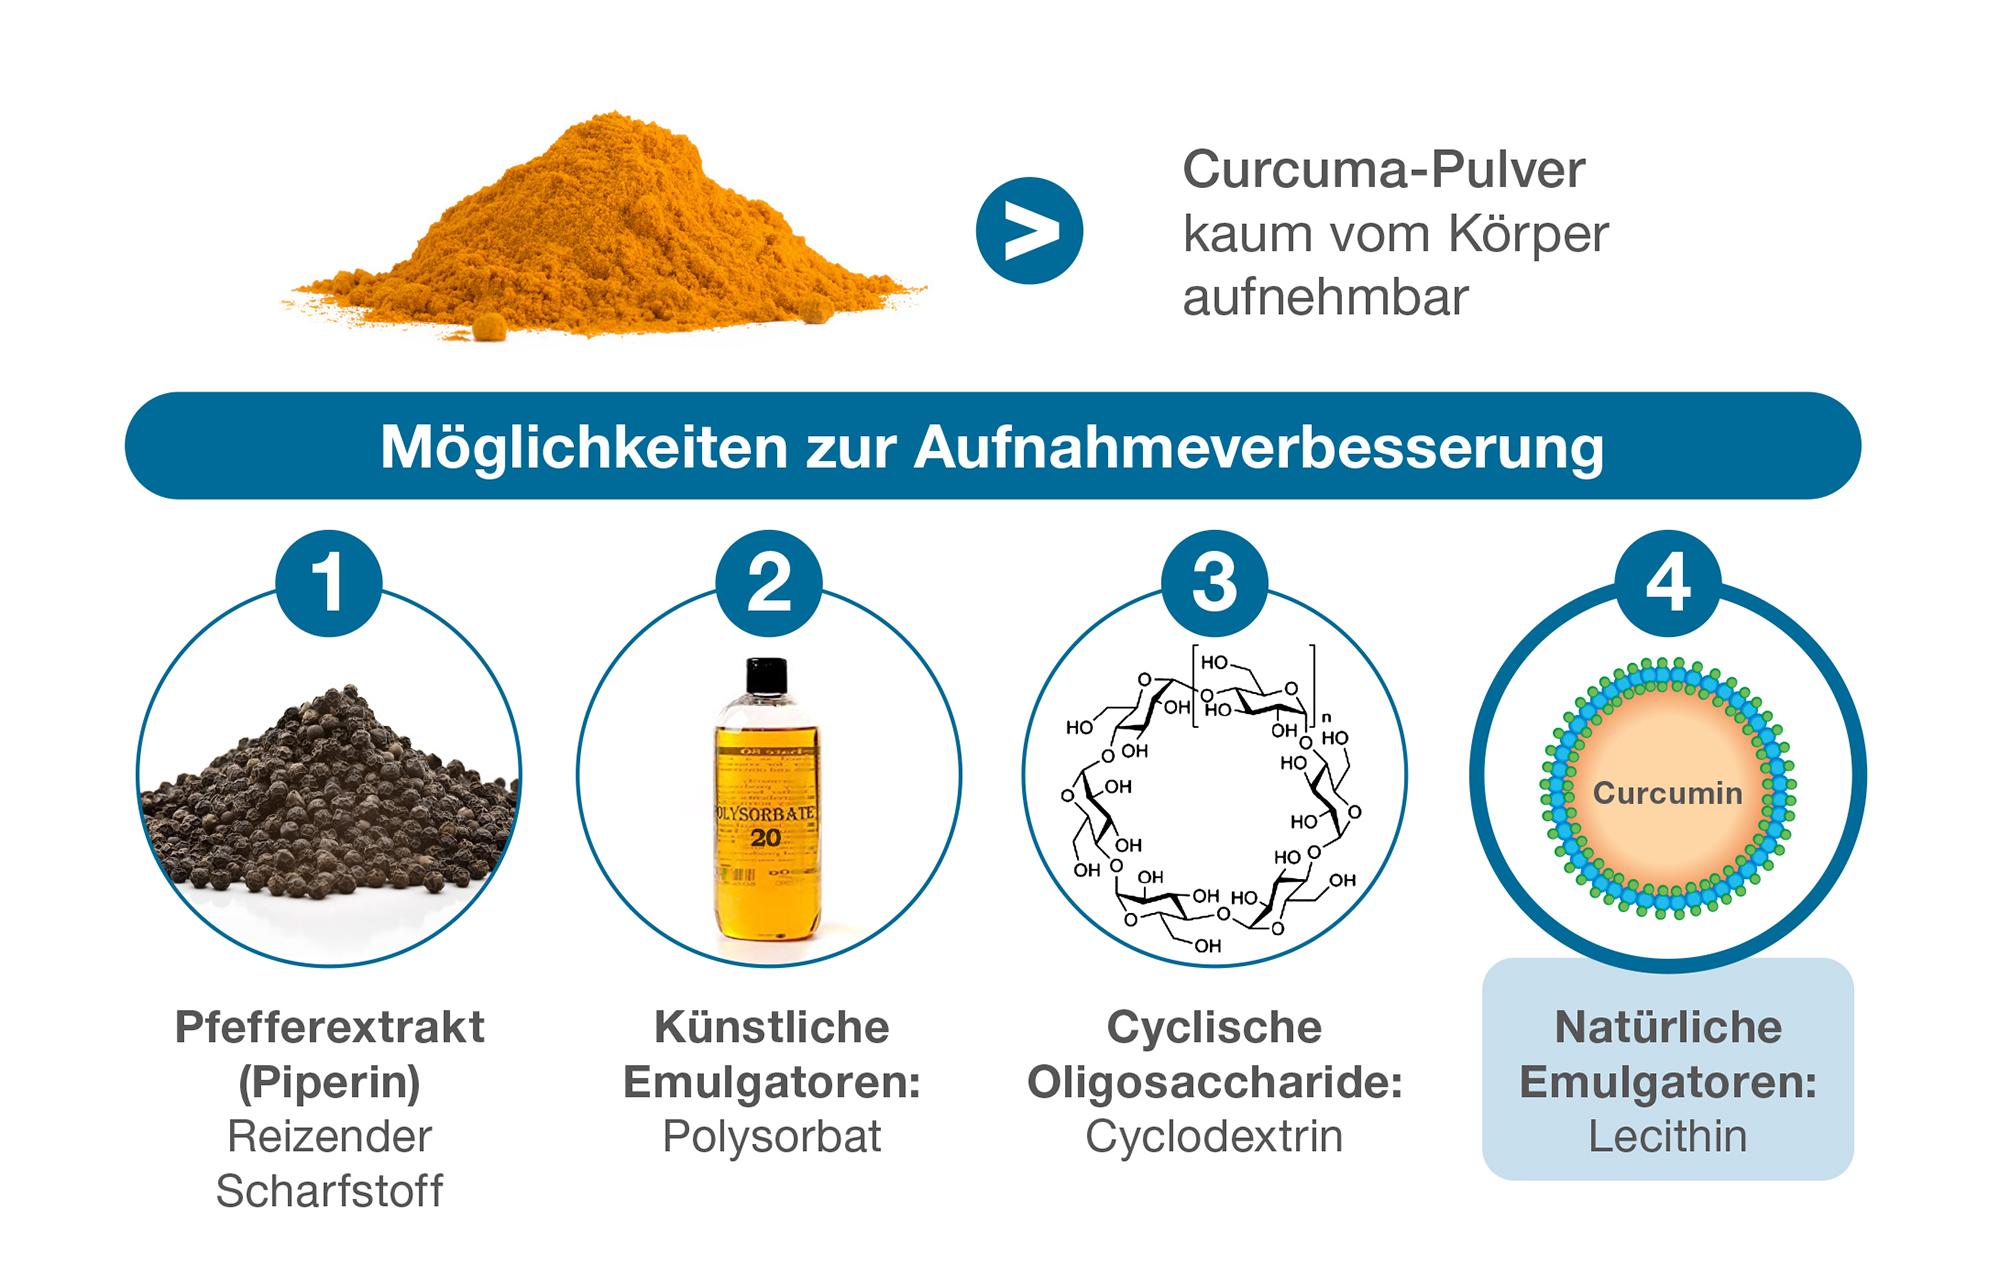 Möglichkeiten zur Aufnahmeverbesserung Curcumin